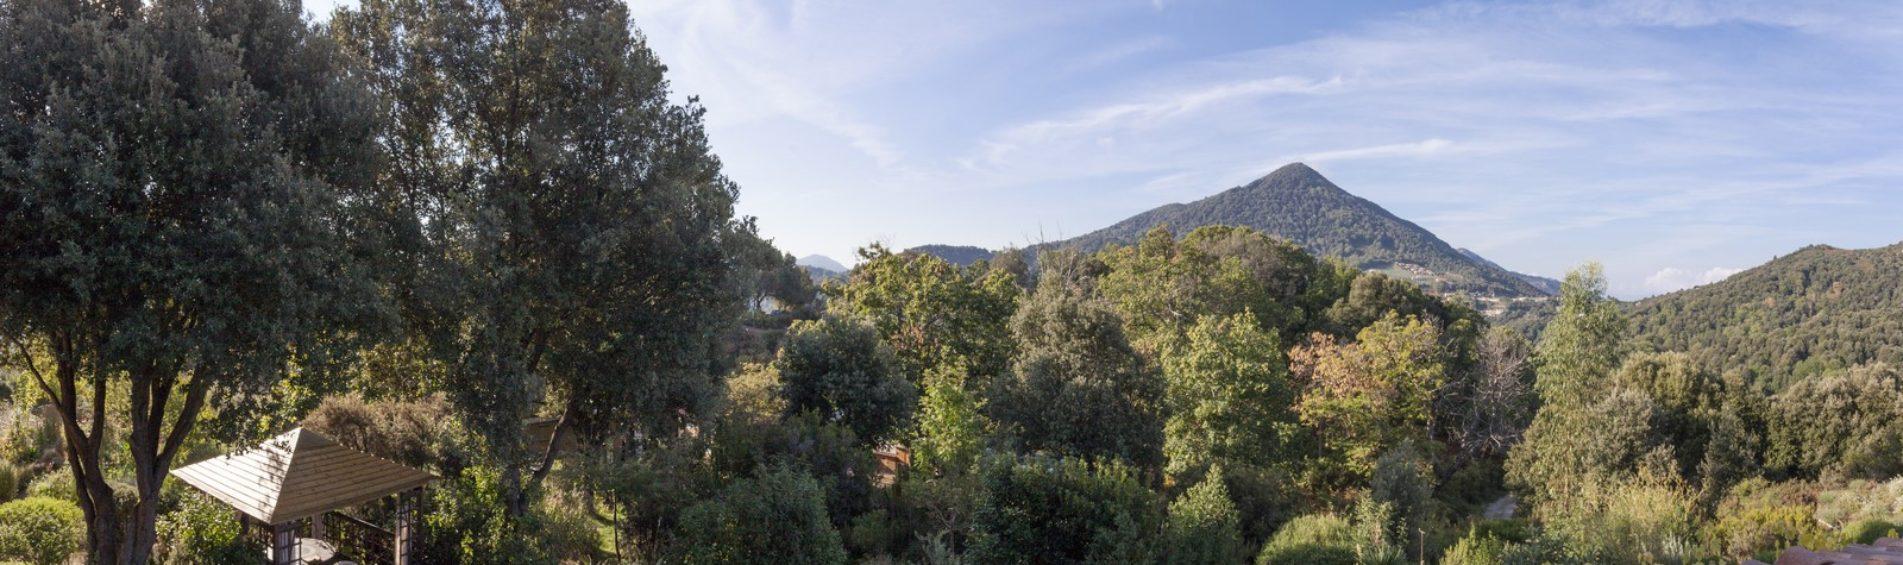 L'essentiel pour un séjour inoubliable en Corse